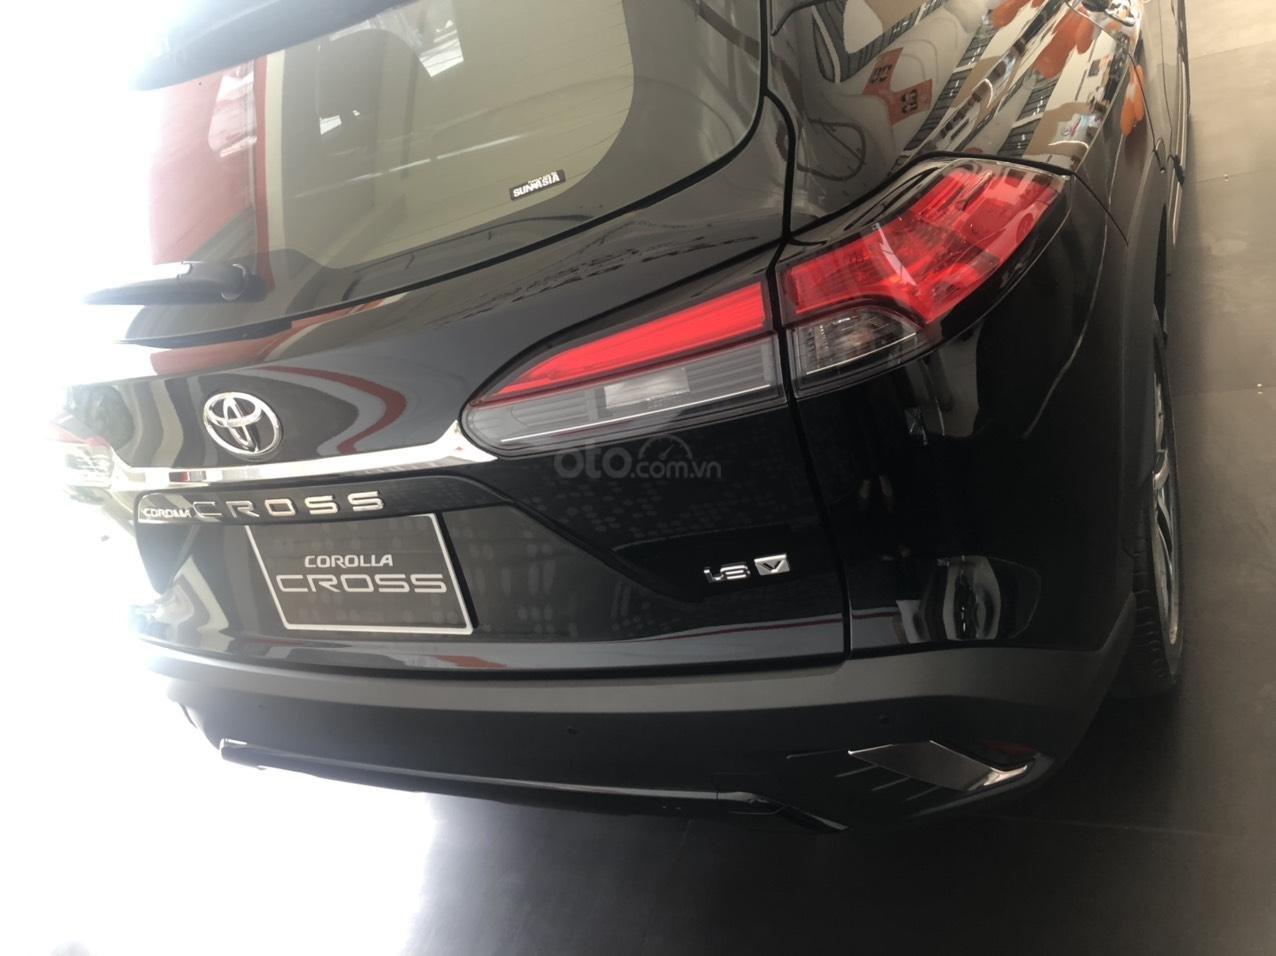 Bán Toyota Corolla Cross 1.8V màu đen giao ngay (4)